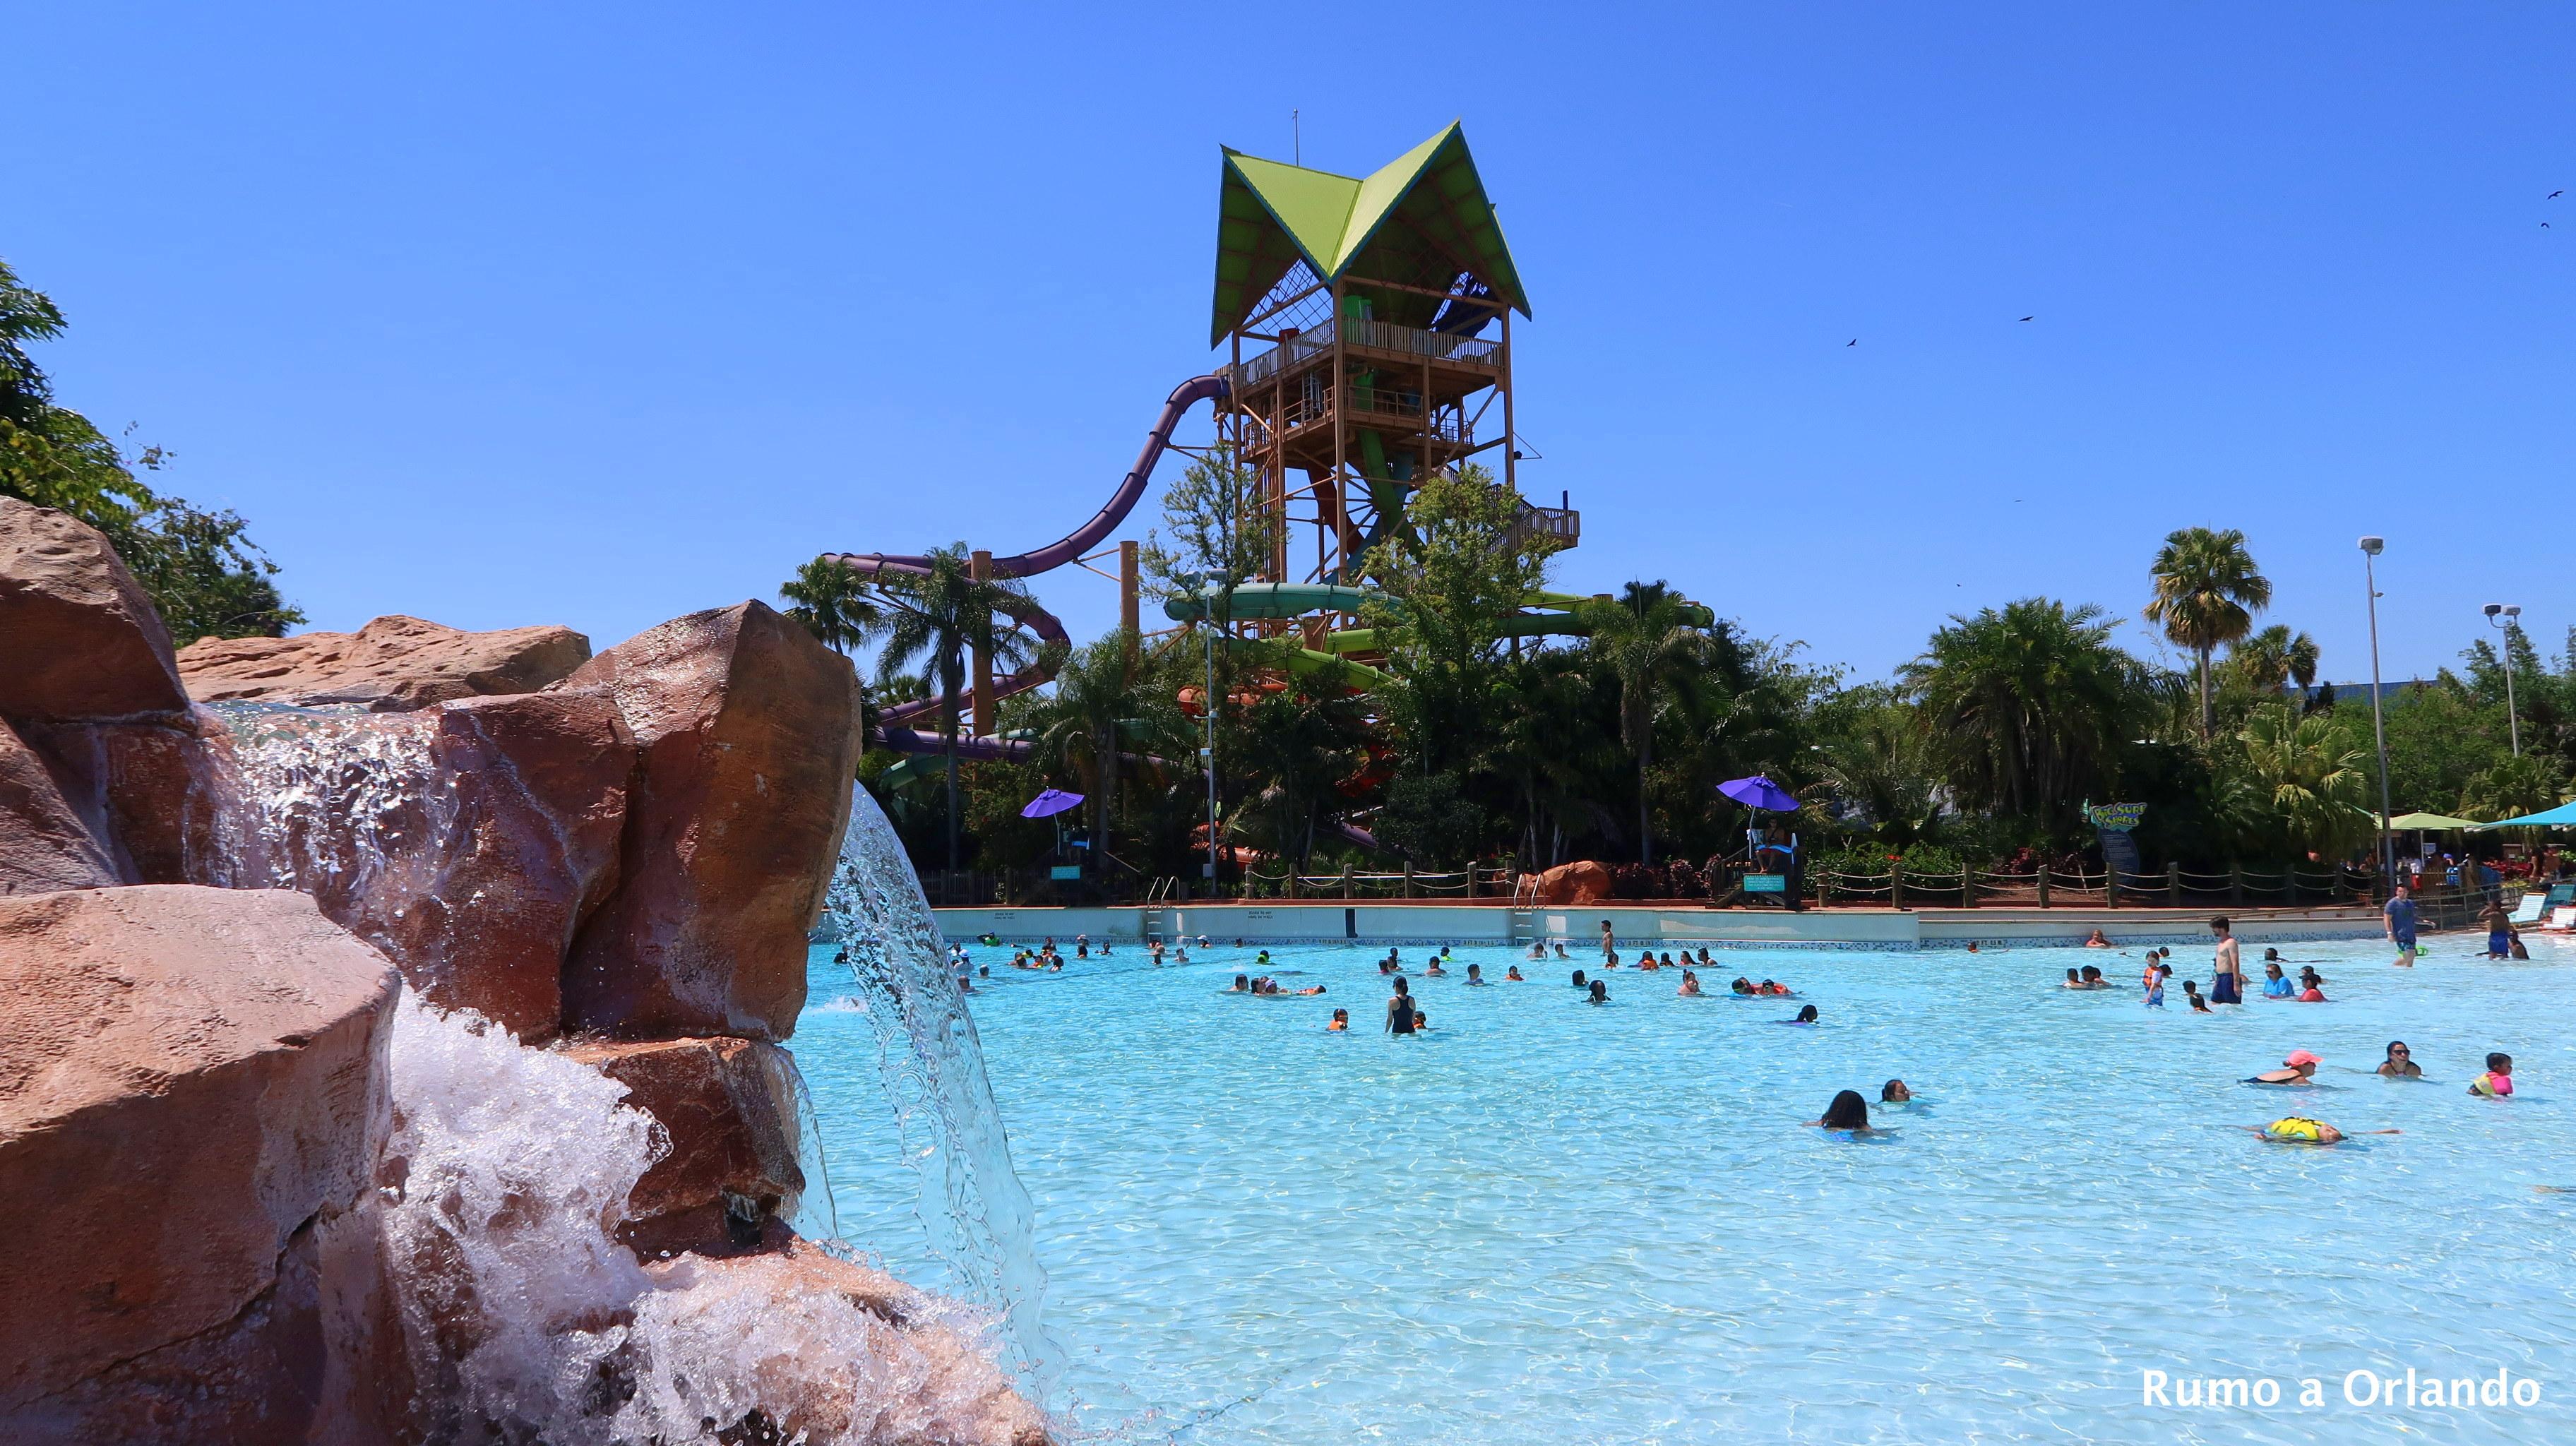 Novidade parque Aquatica